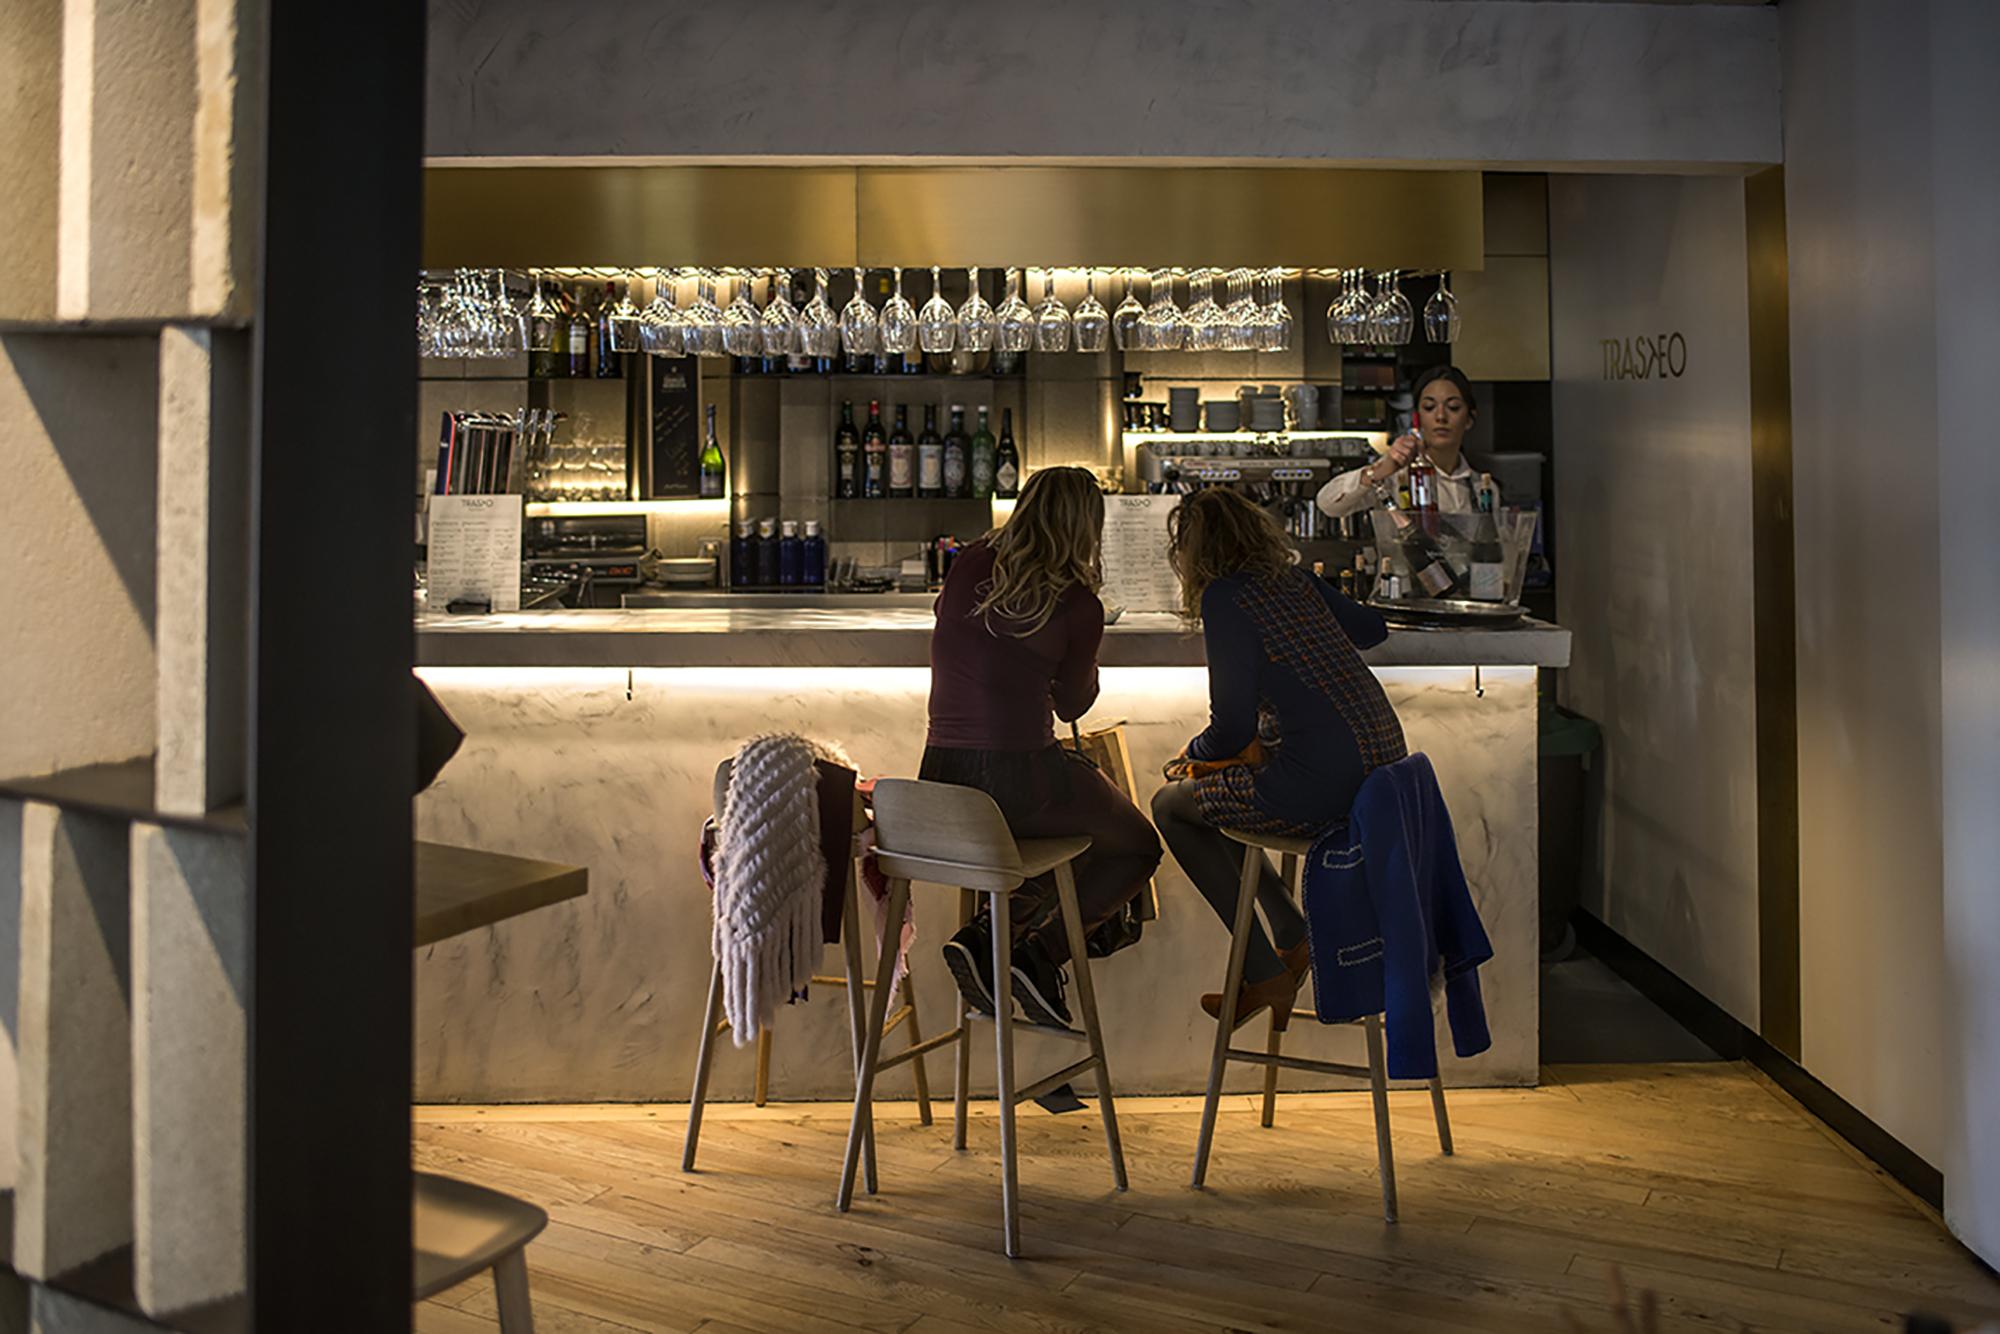 'Trasto' ofrece dos ambientes muy diferenciados: la barra para tapear y la sala para una comida más formal.